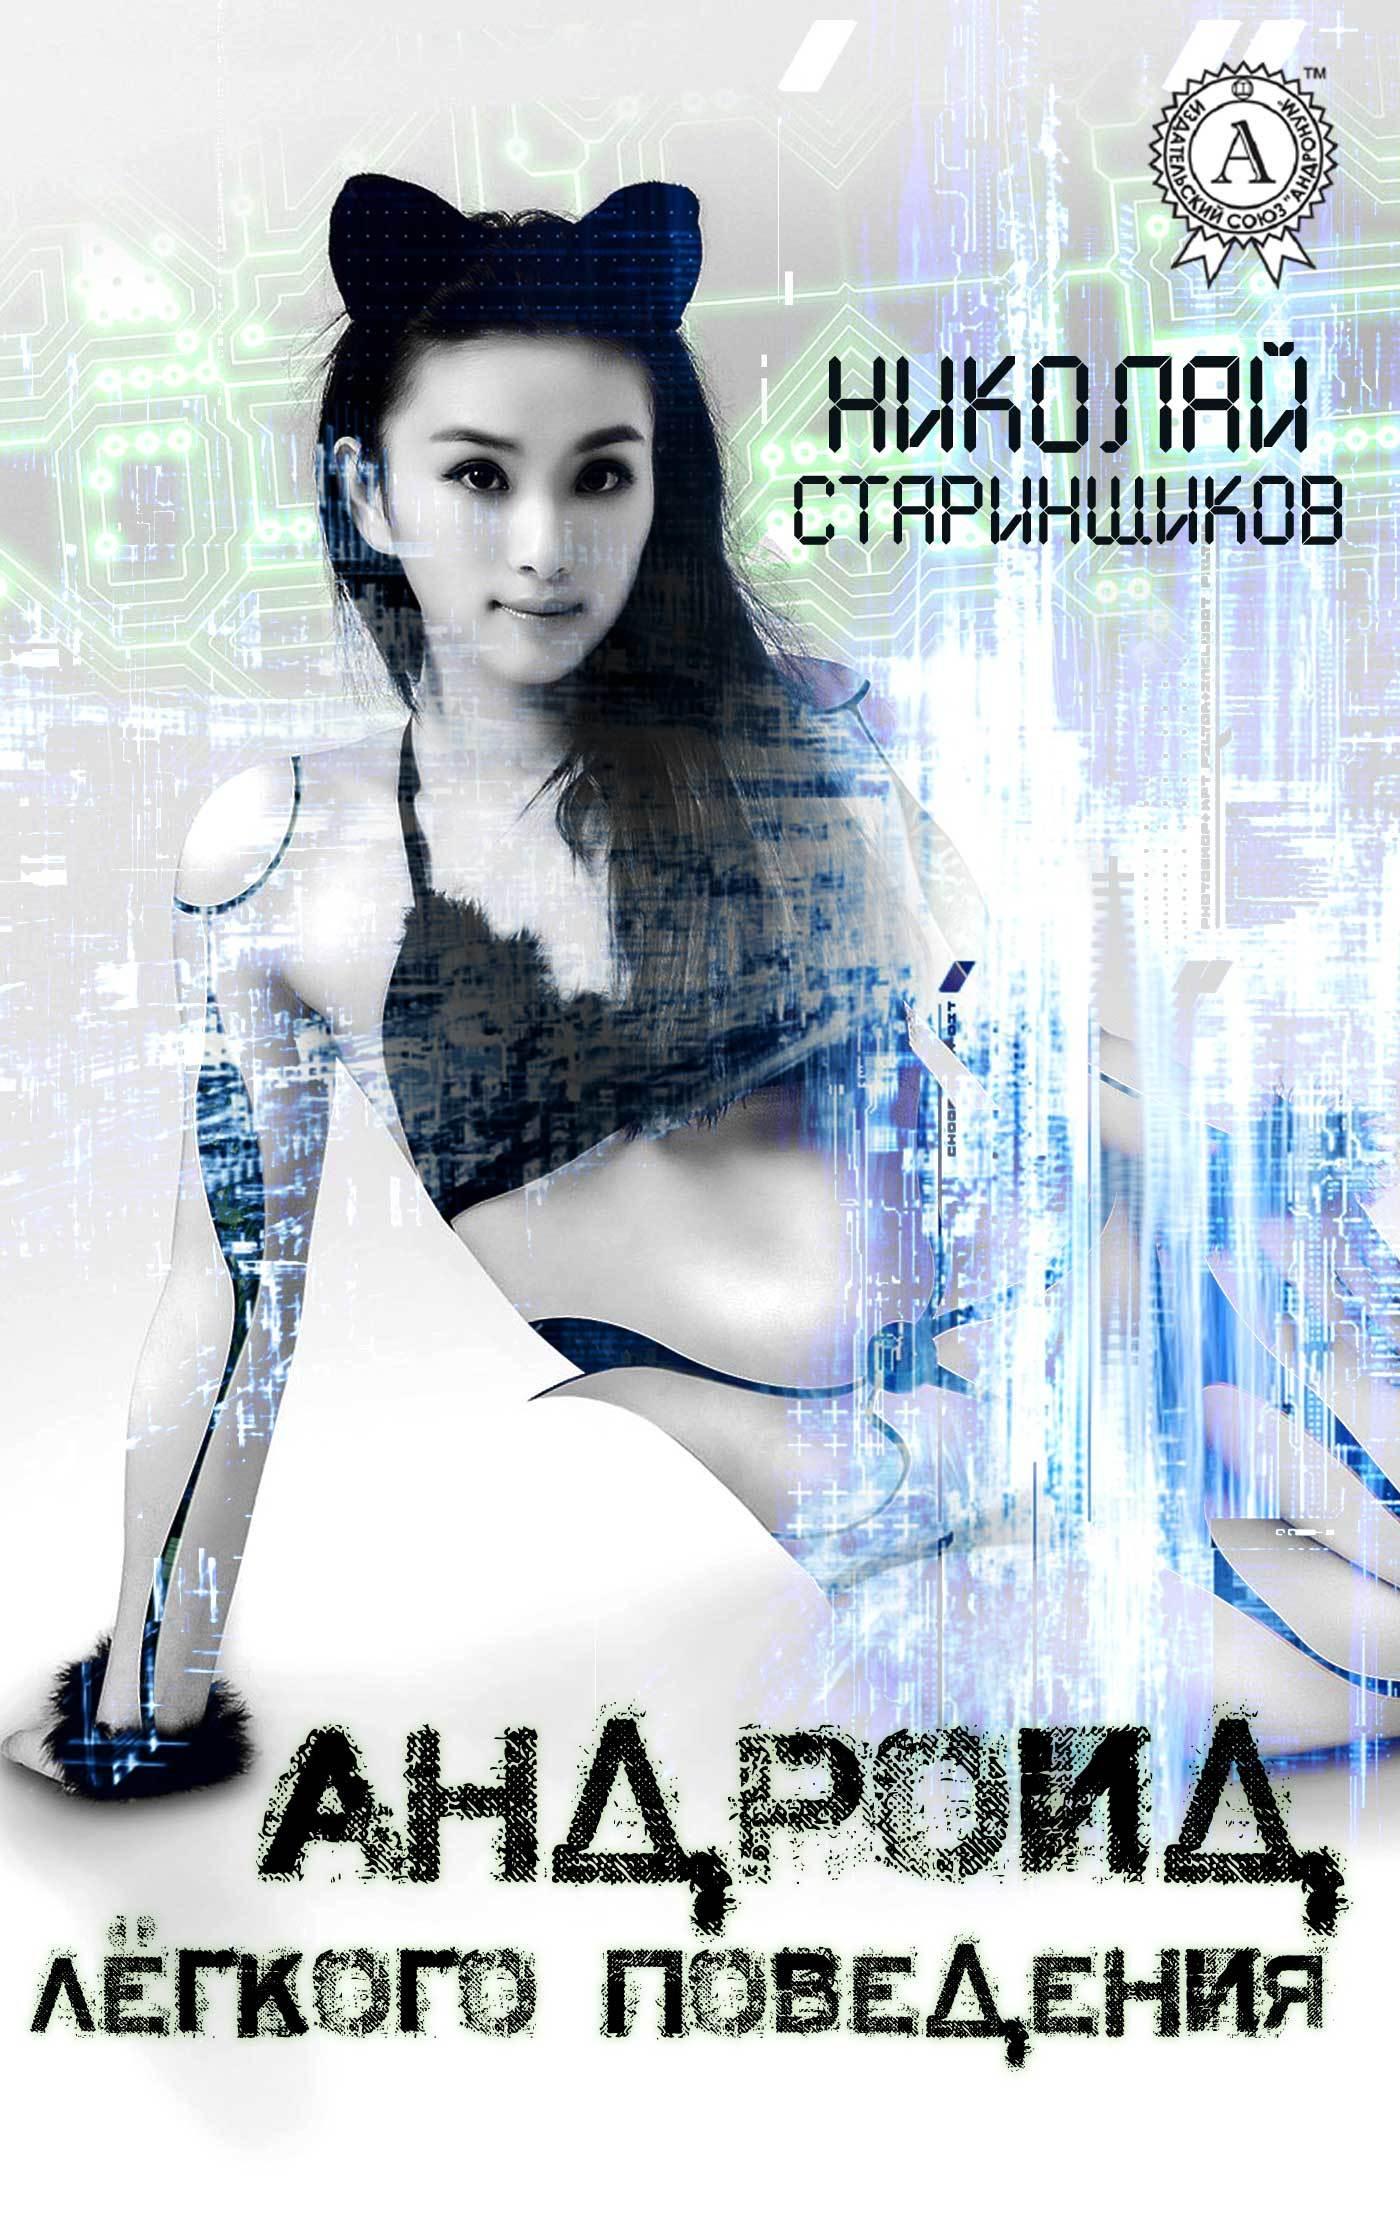 Николай Старинщиков Андроид лёгкого поведения телефон андроид недорого китайский